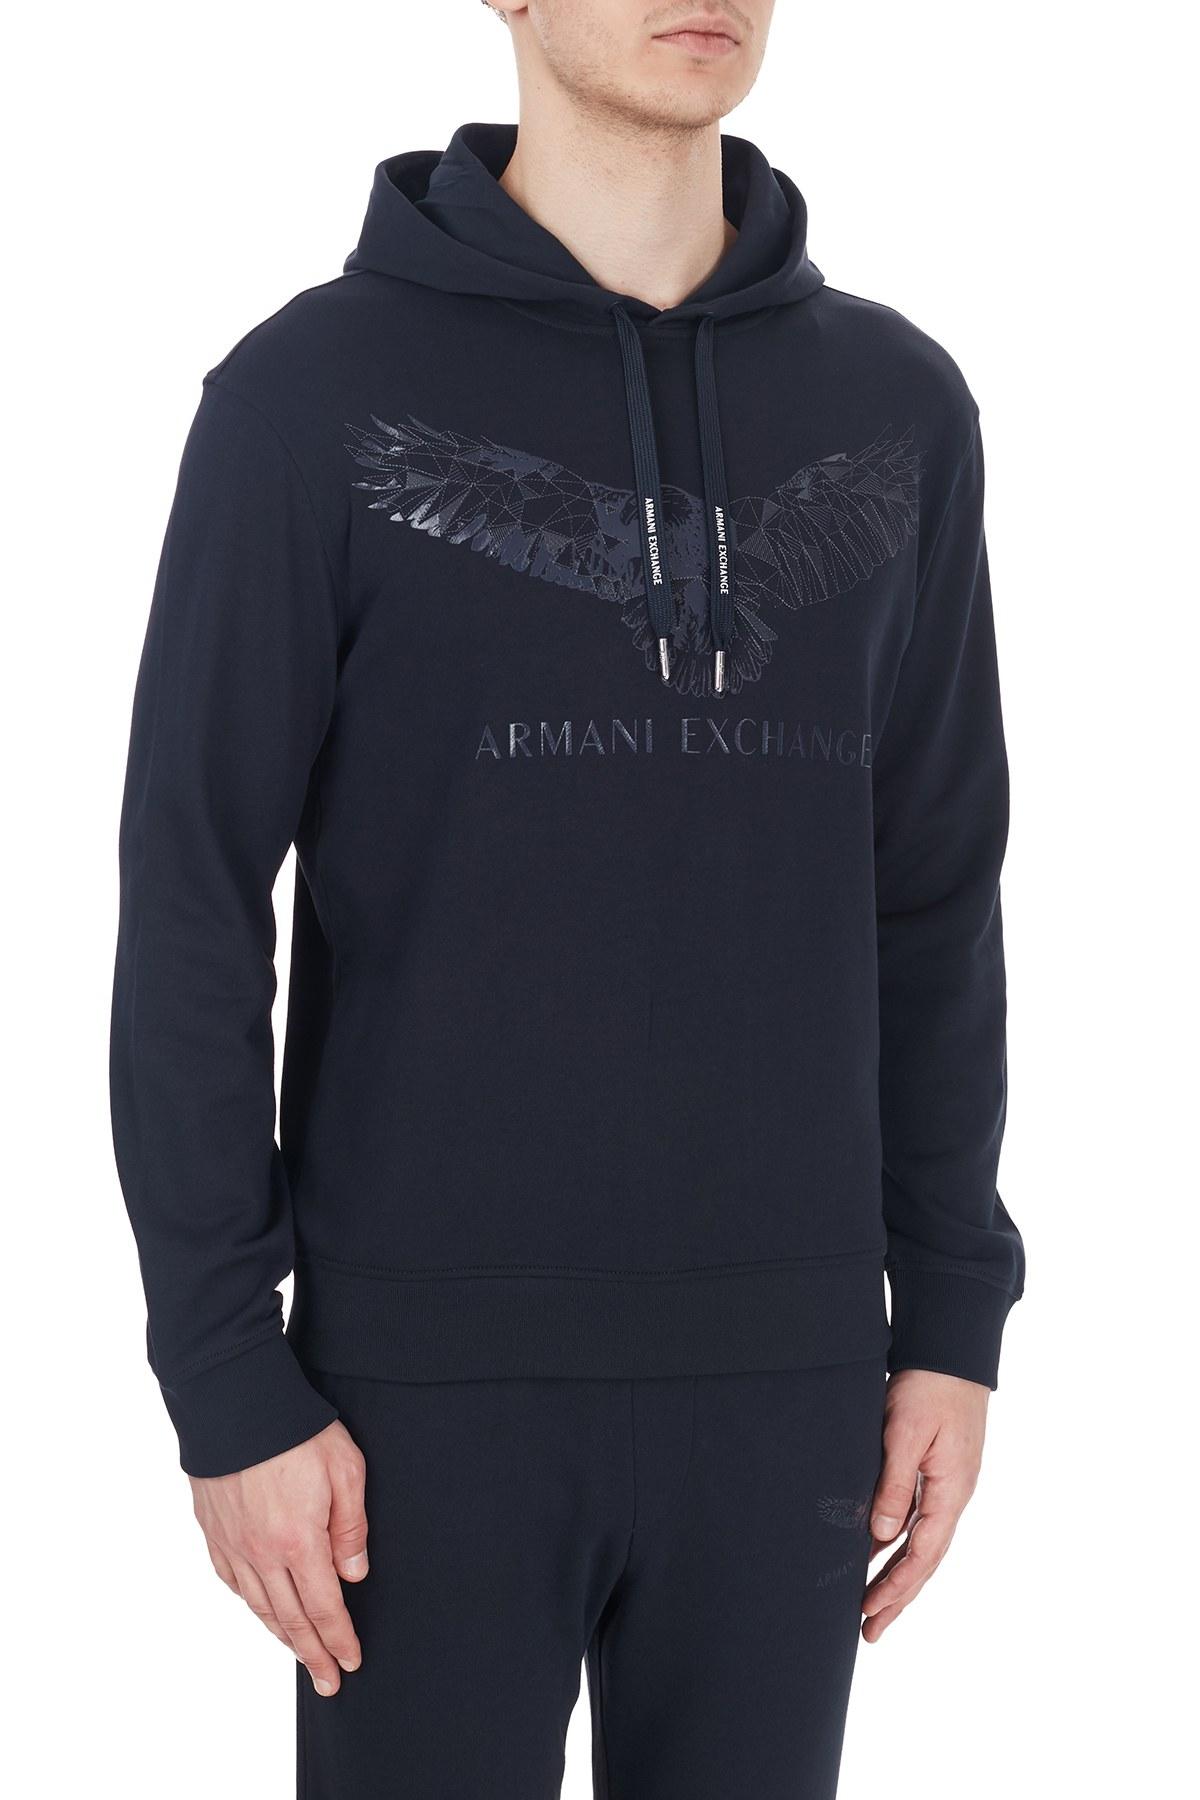 Armani Exchange Baskılı Kapüşonlu Erkek Sweat 6HZMFY ZJ5CZ 1510 LACİVERT